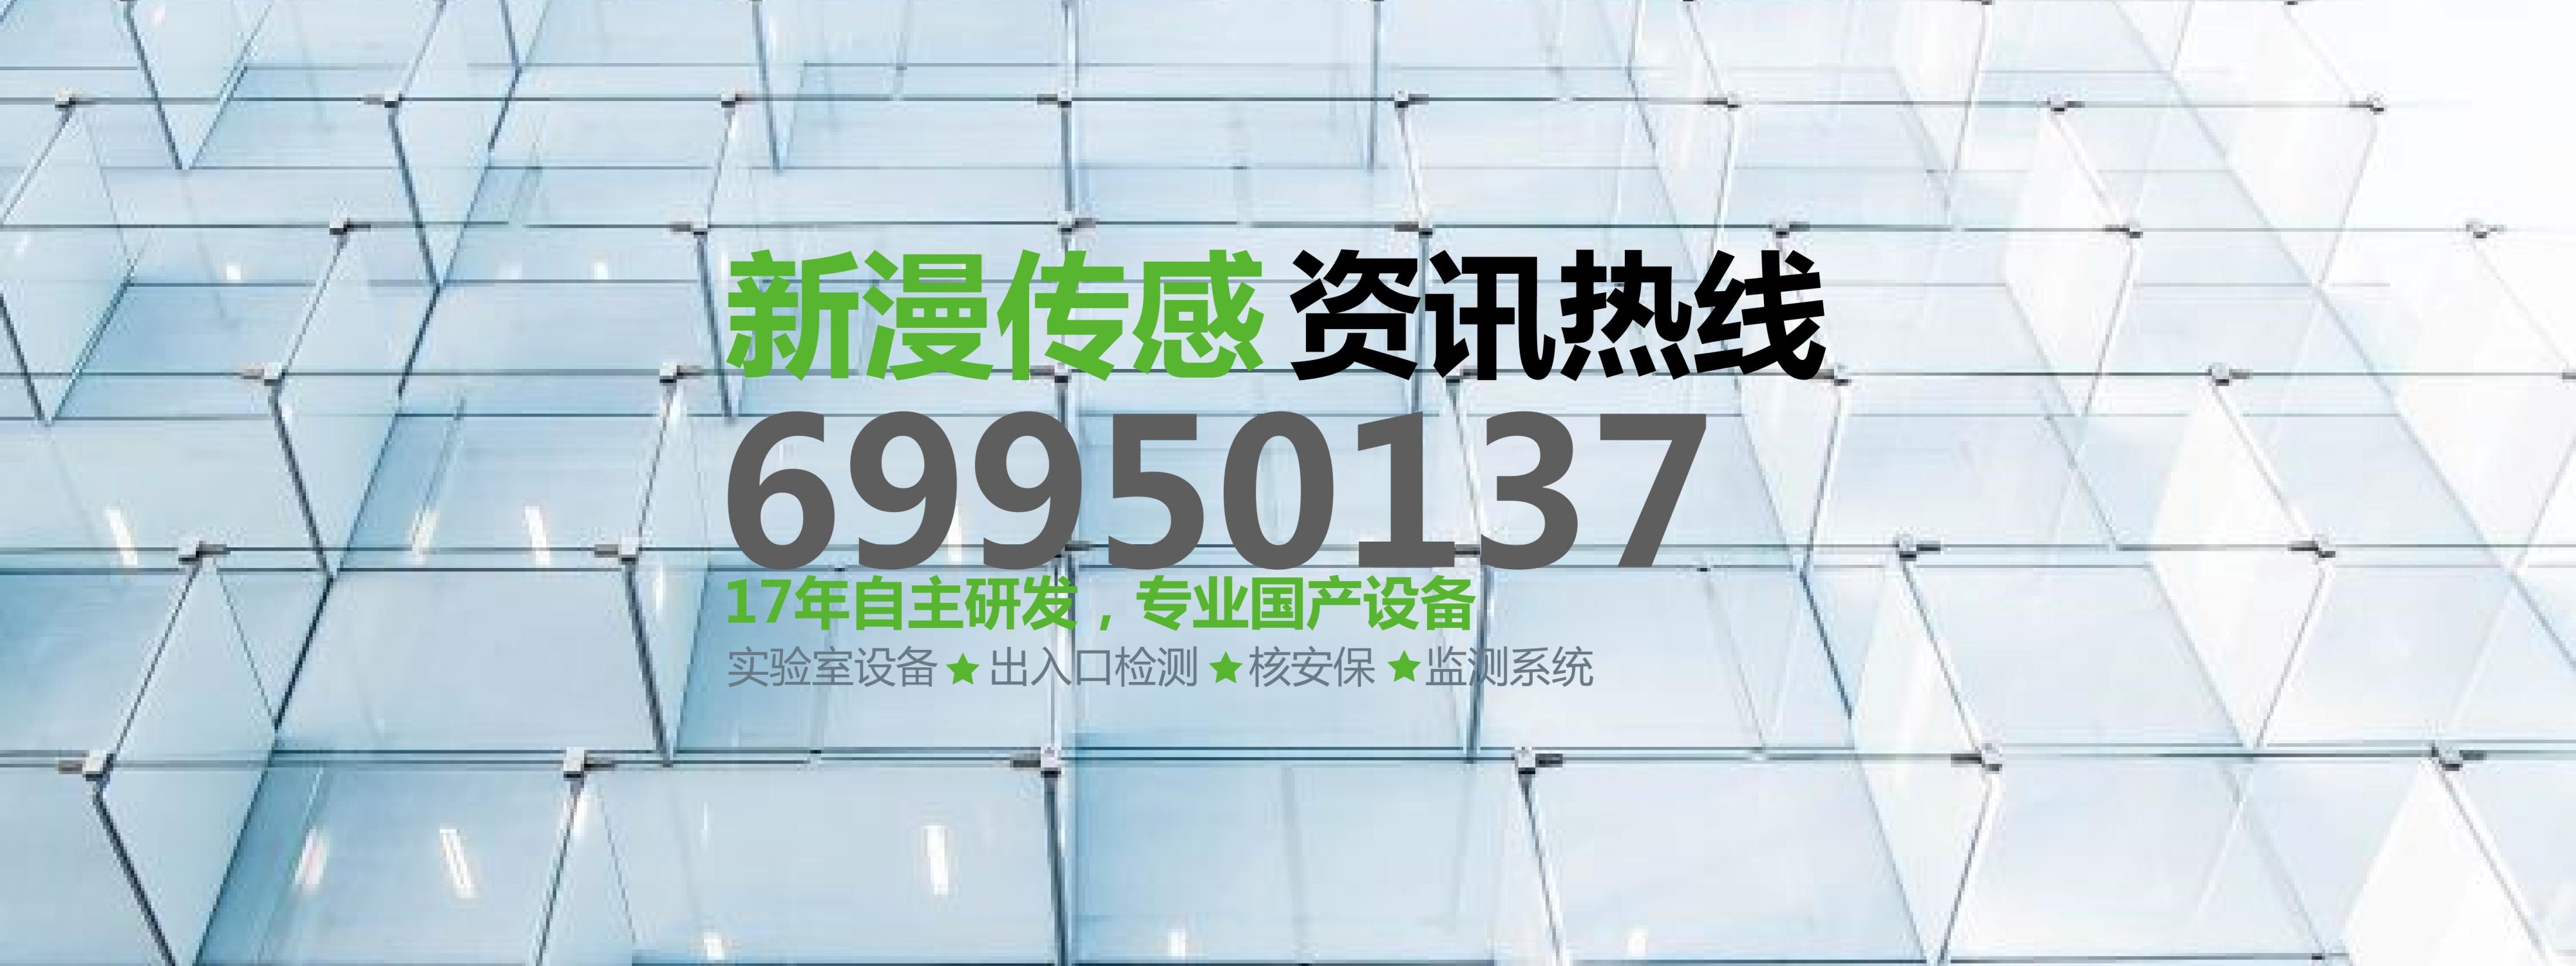 上海新漫传感技术研究发展有限公司